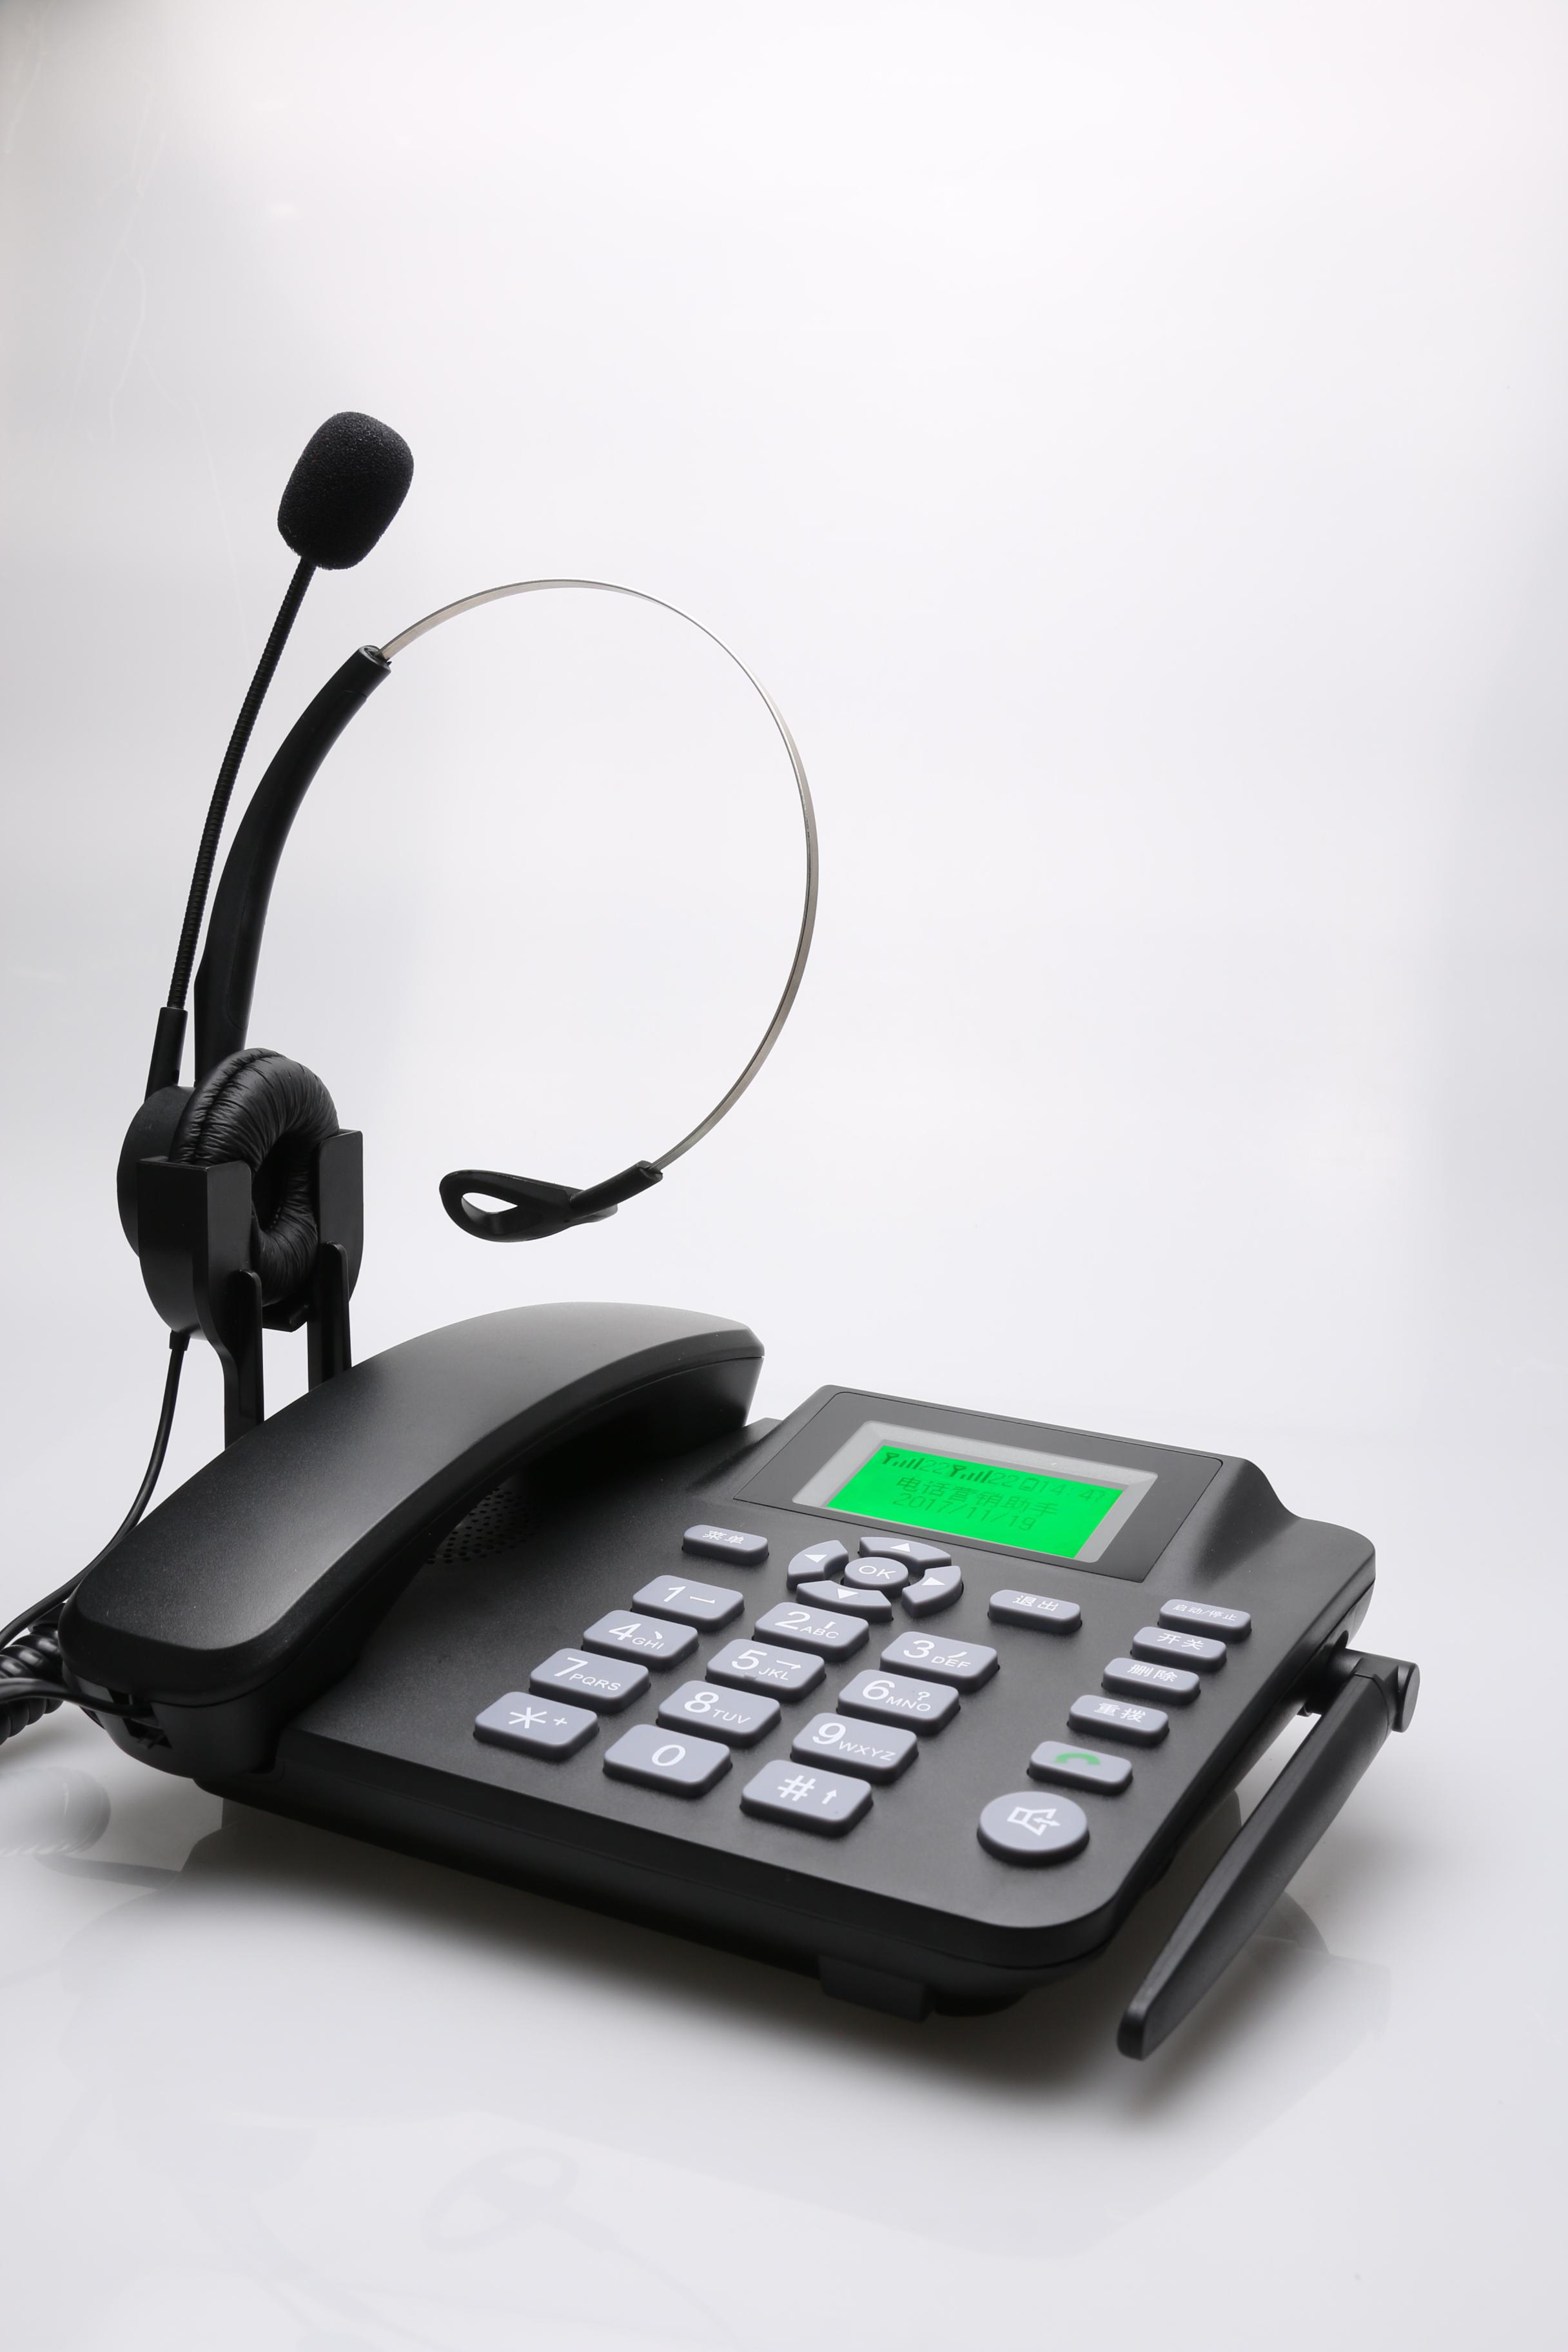 全自动电话语音广告机营销电销神器一体机自动拨号电话机电销电话